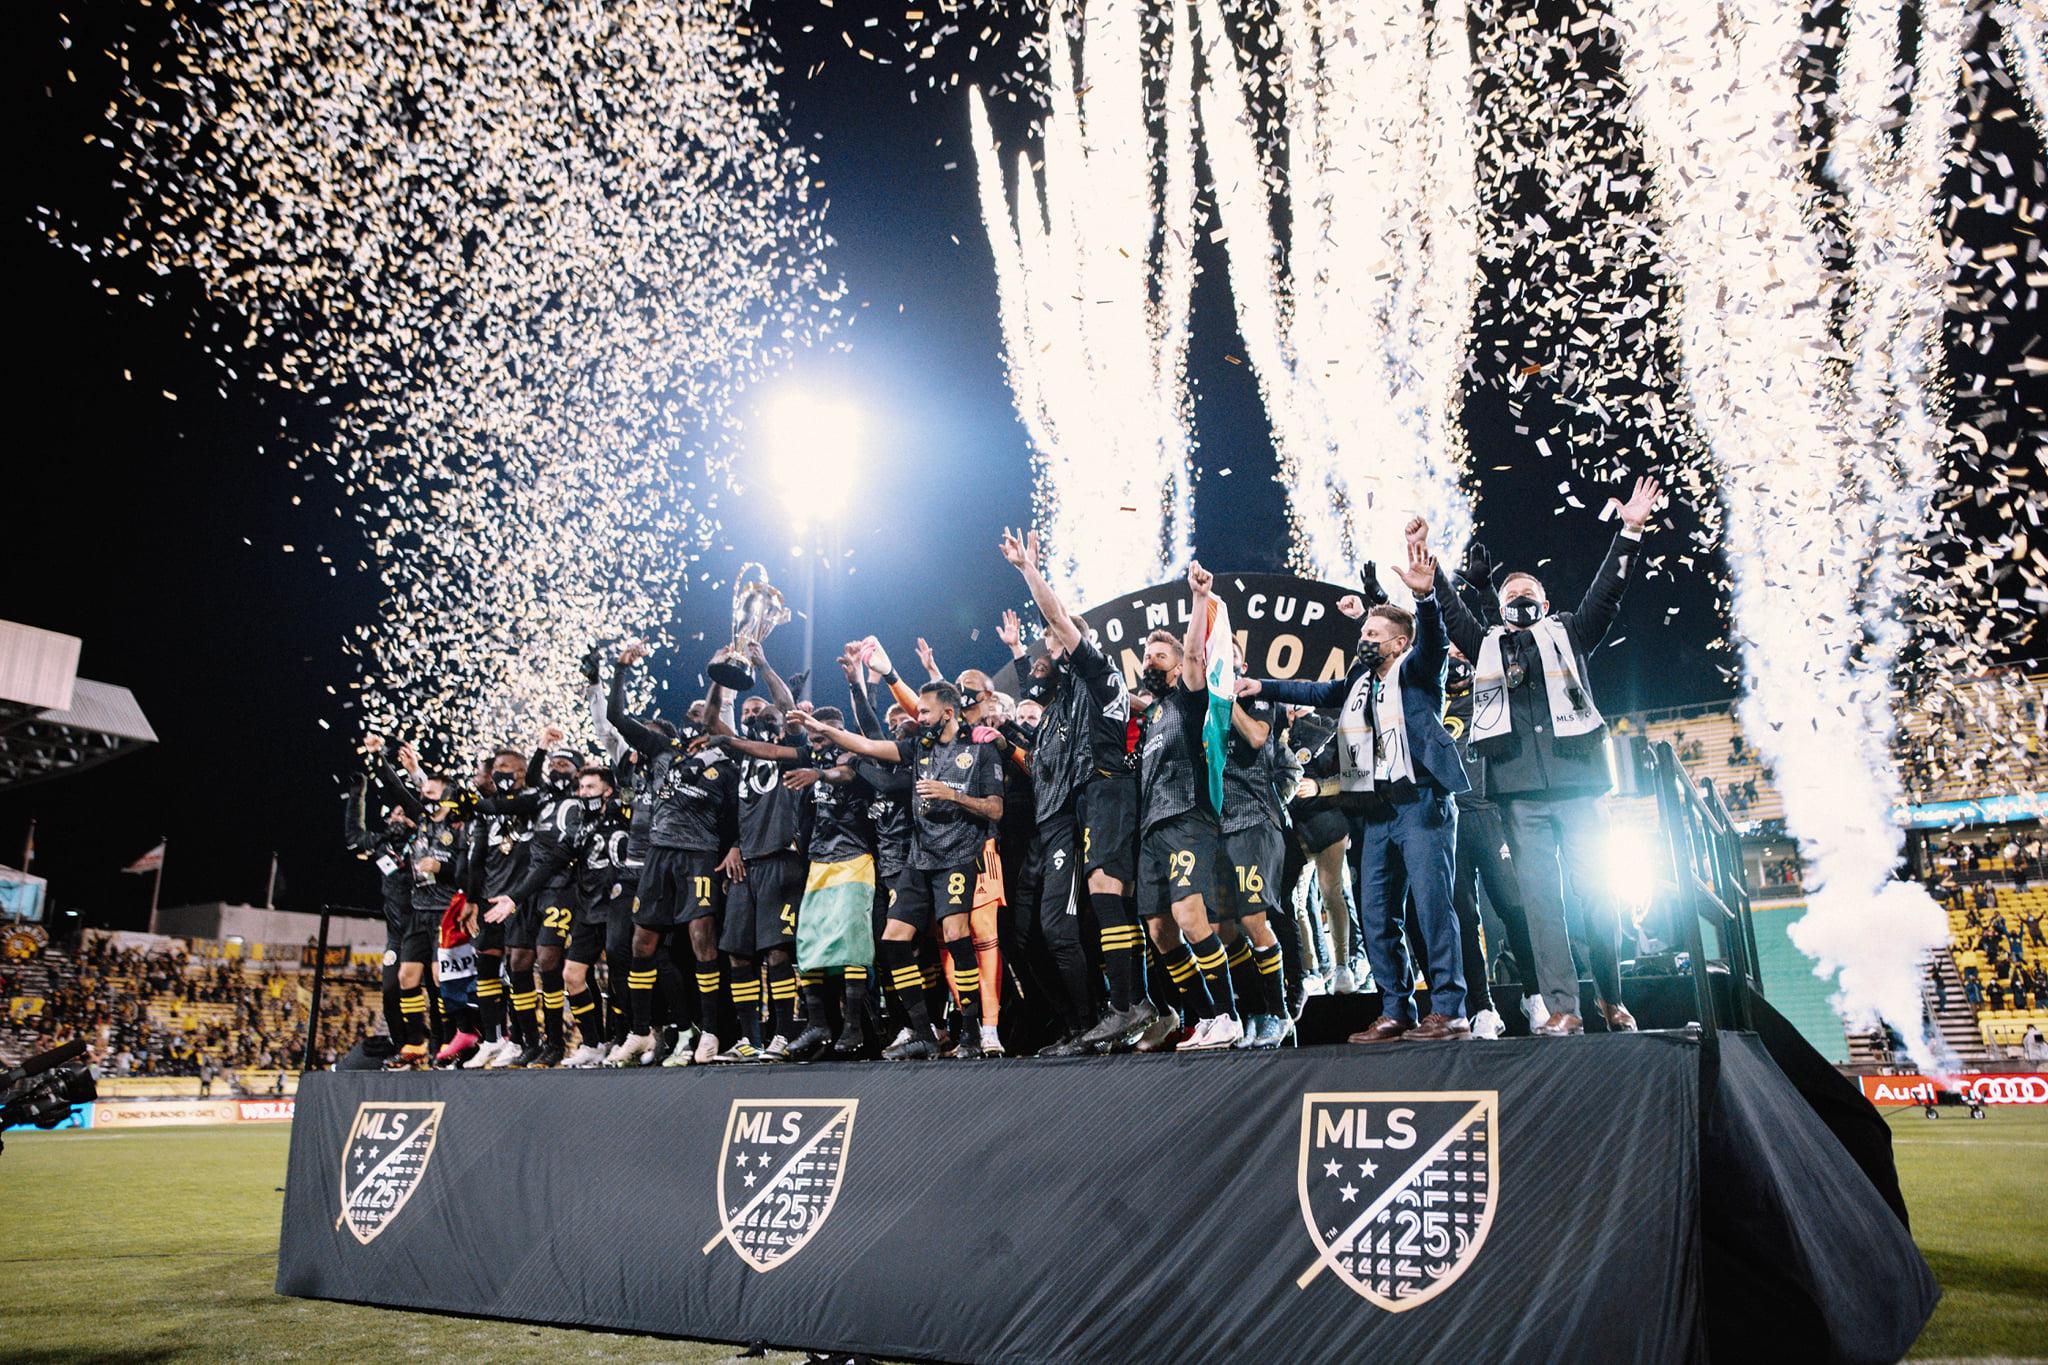 Columbus Crew de Luis Díaz y Waylon Francis es el nuevo campeón de la MLS.